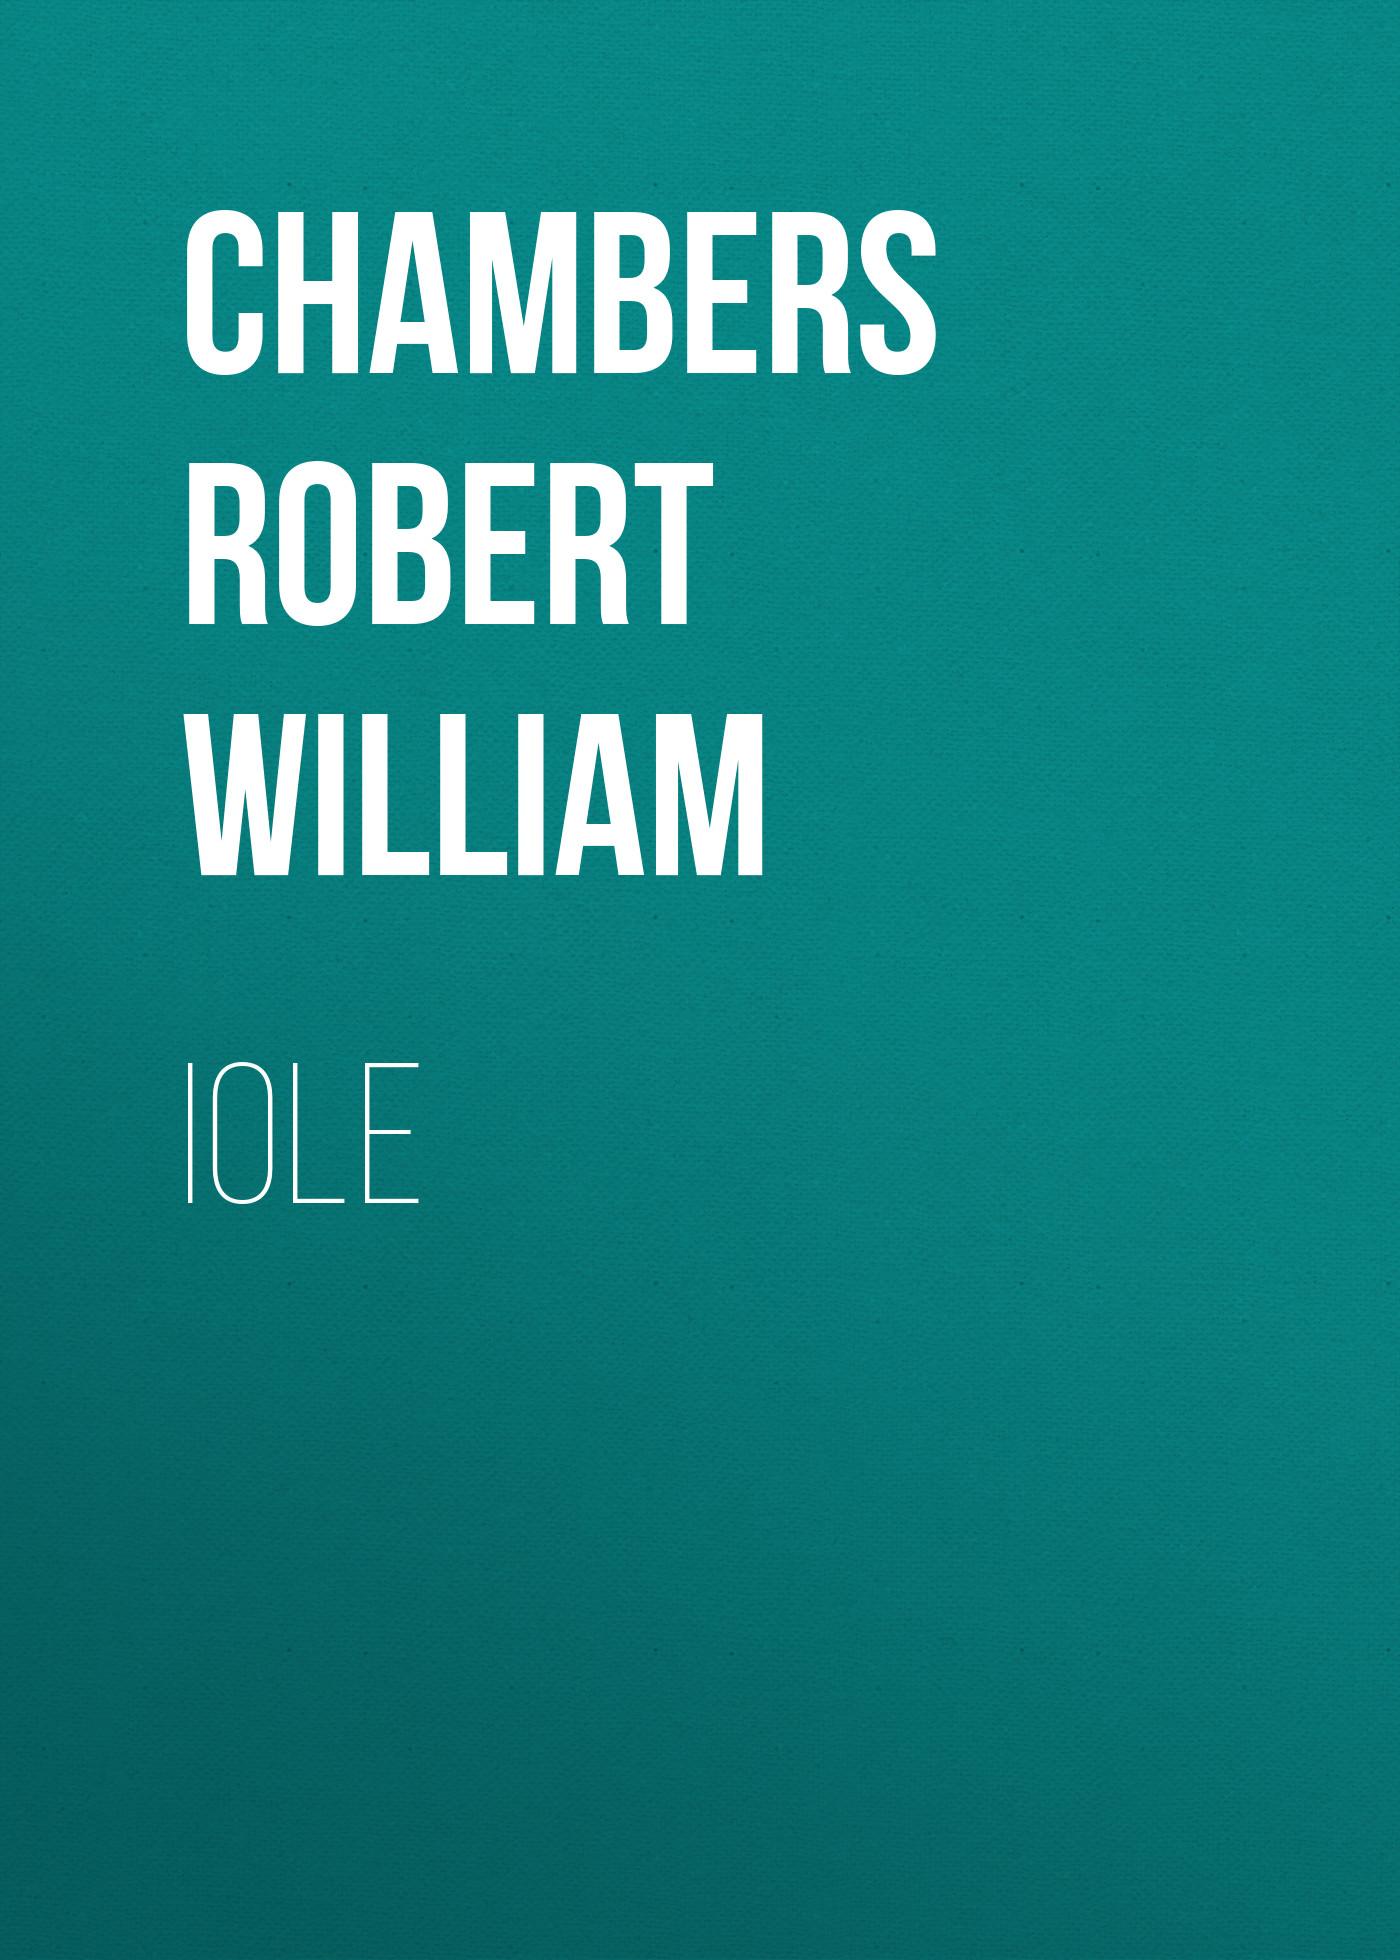 Chambers Robert William Iole